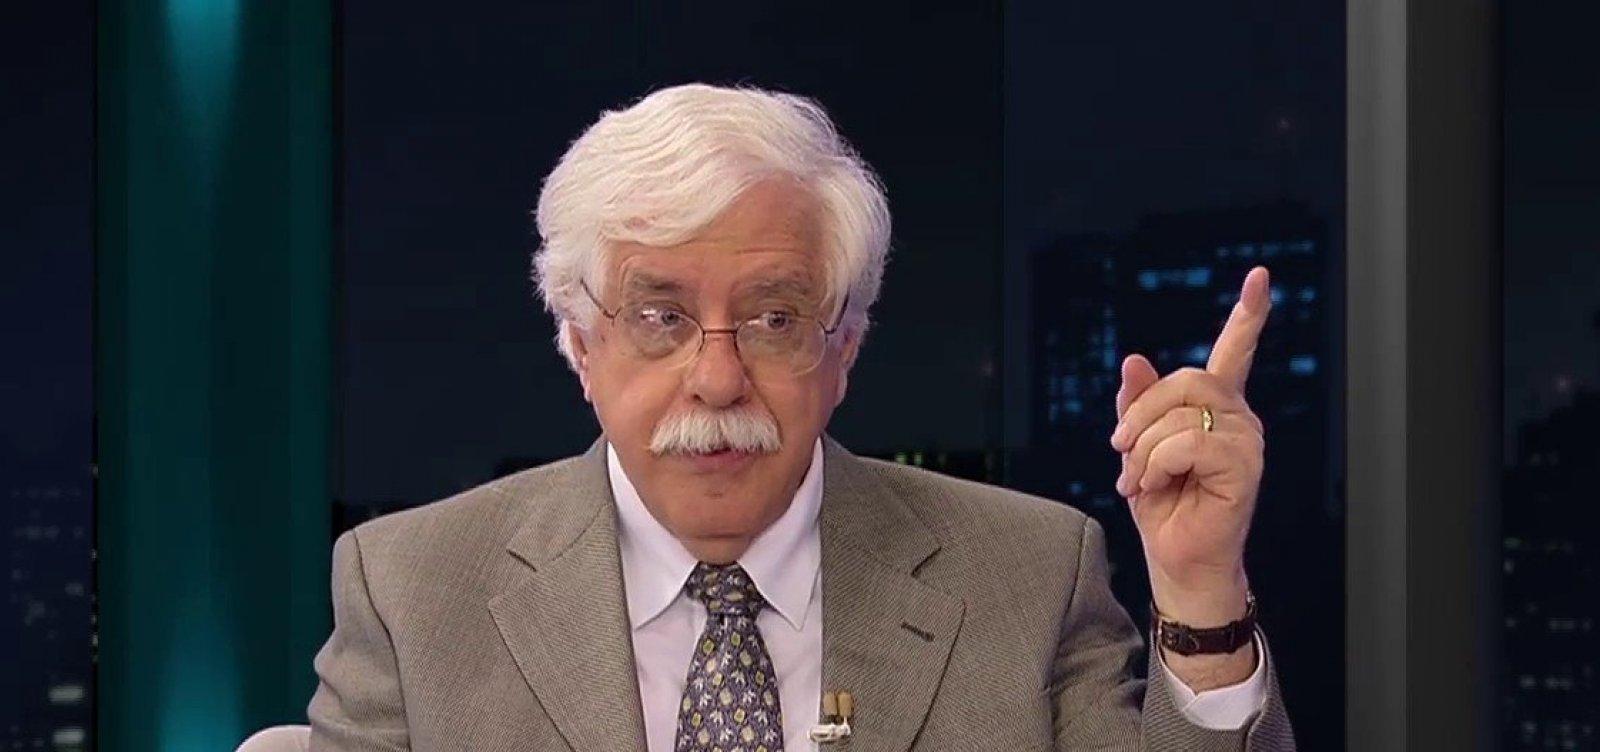 Roberto Romano diz que tensão do país pode levar a 'maior adesão cívica'